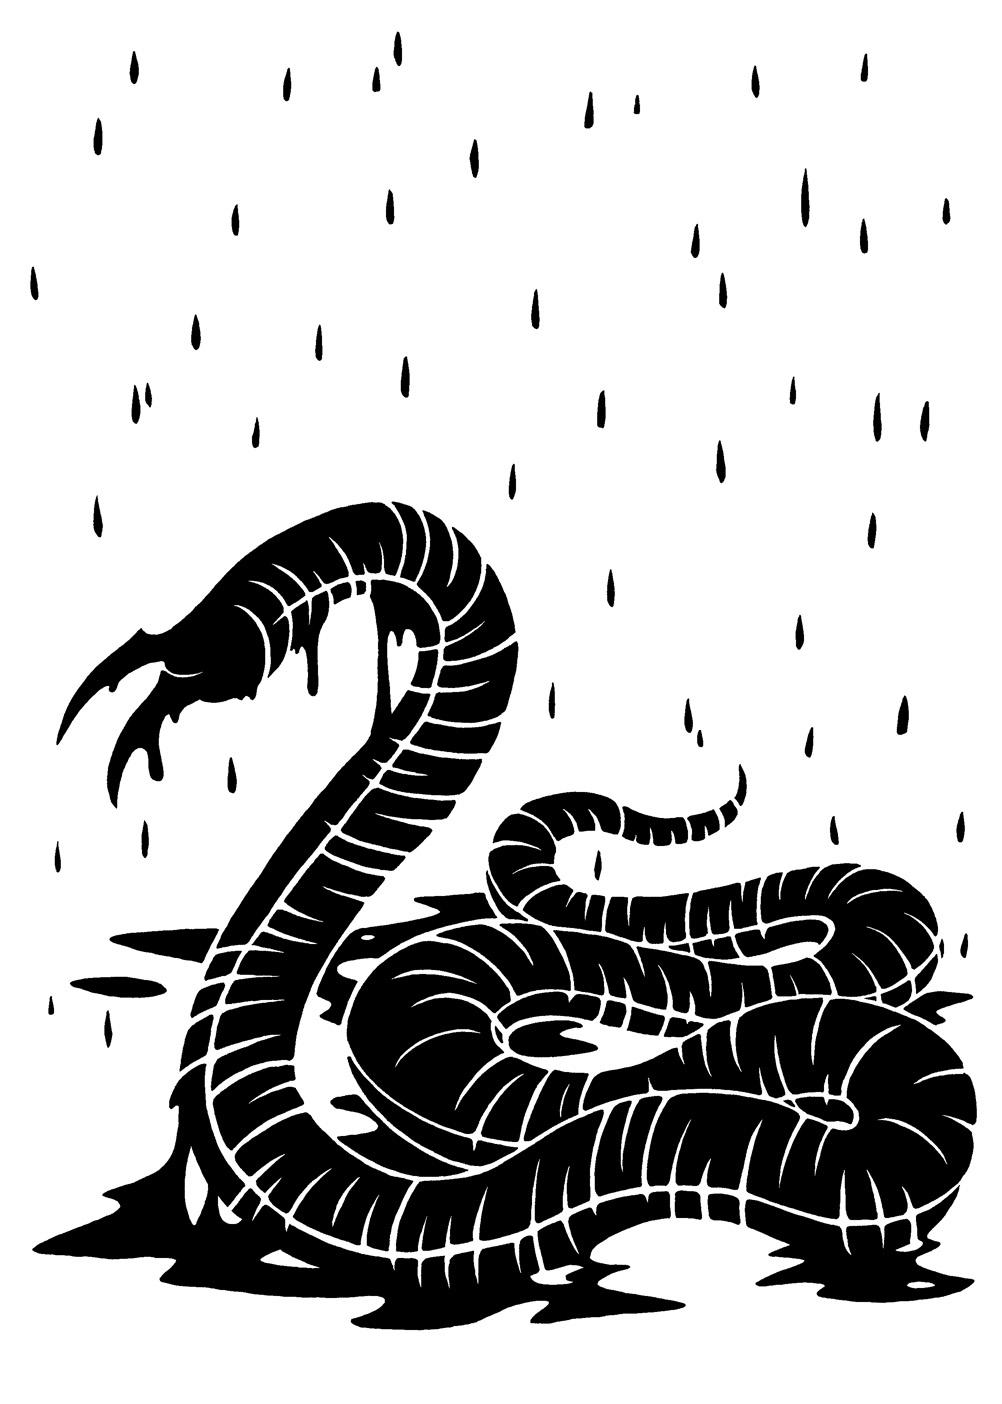 SCP-749 - 雨滴声